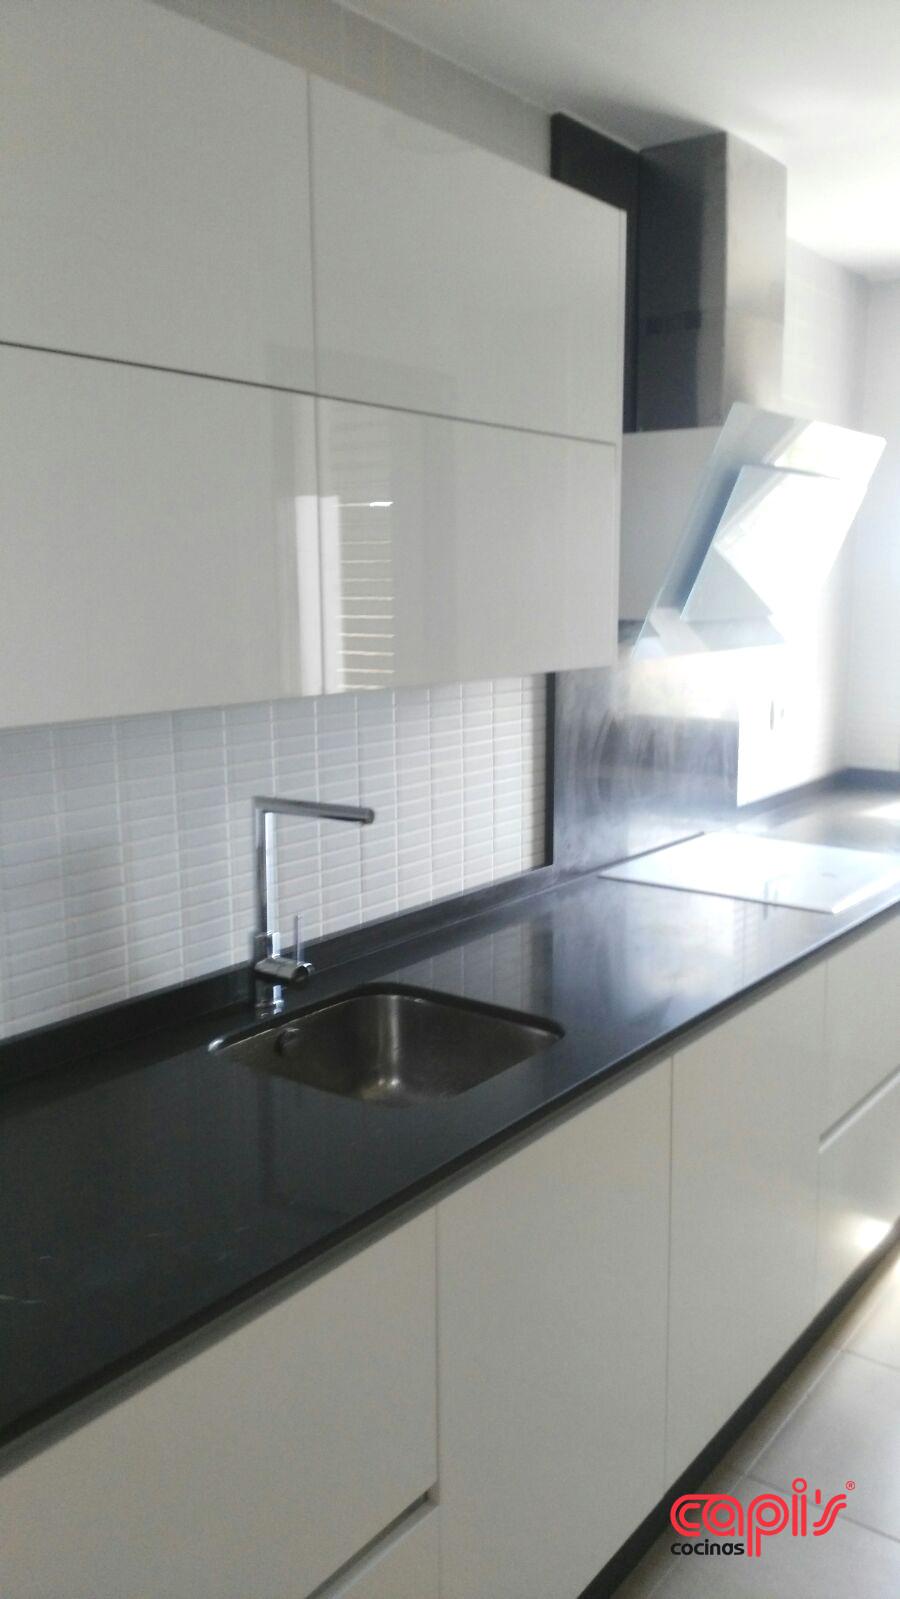 Cocina blanca y marengo cocinas capis dise o y for Cocina blanca y suelo gris